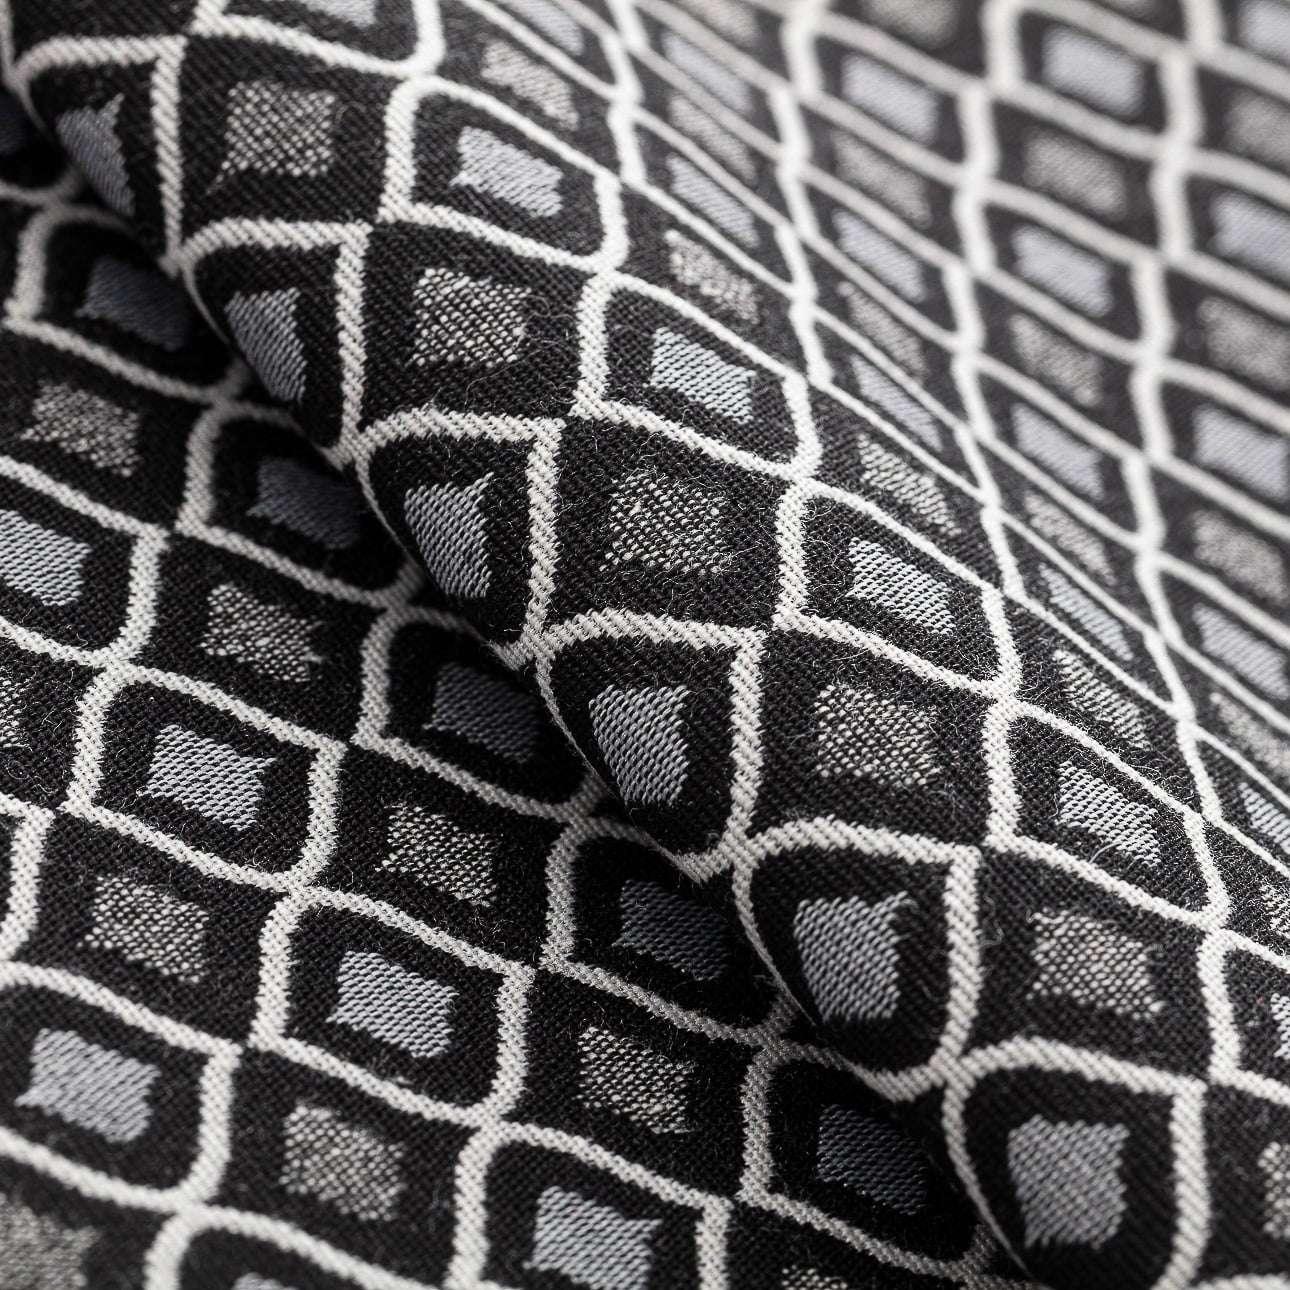 Narzuta pikowana w pasy w kolekcji Black & White, tkanina: 142-86